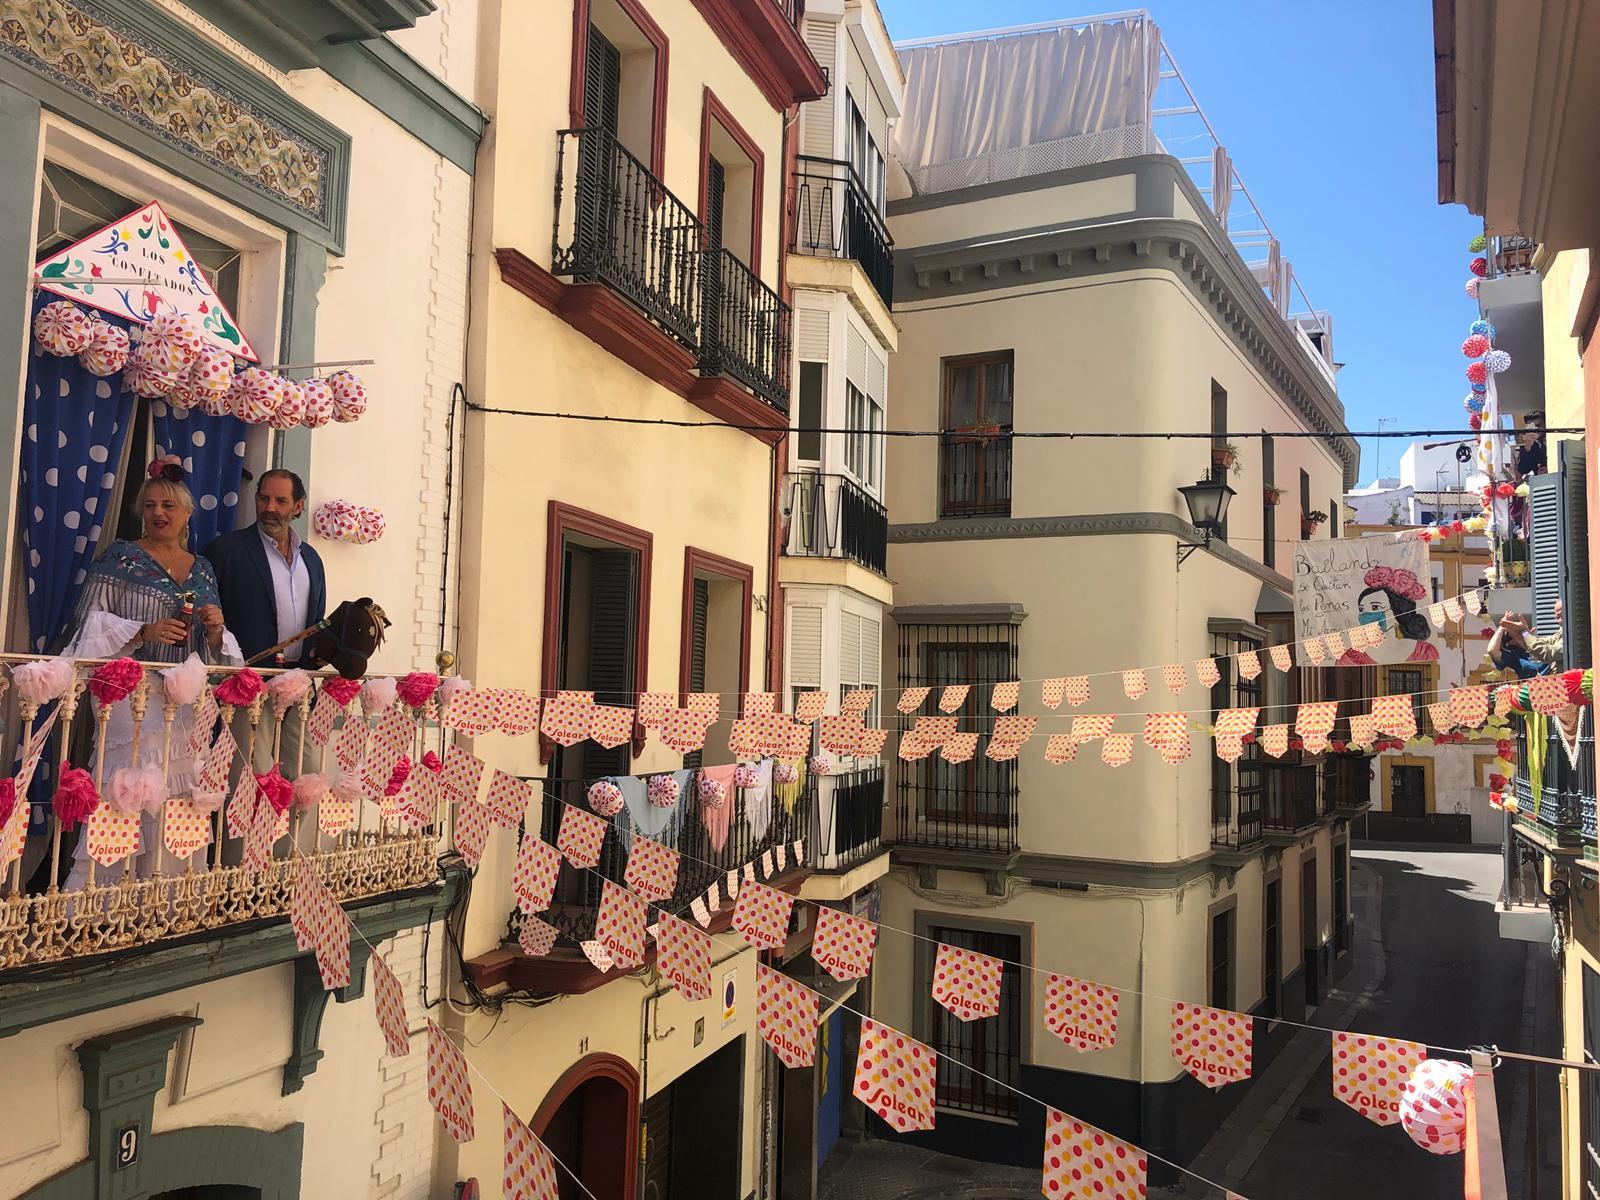 Concurso de escaparates y balcones durante la semana de Feria